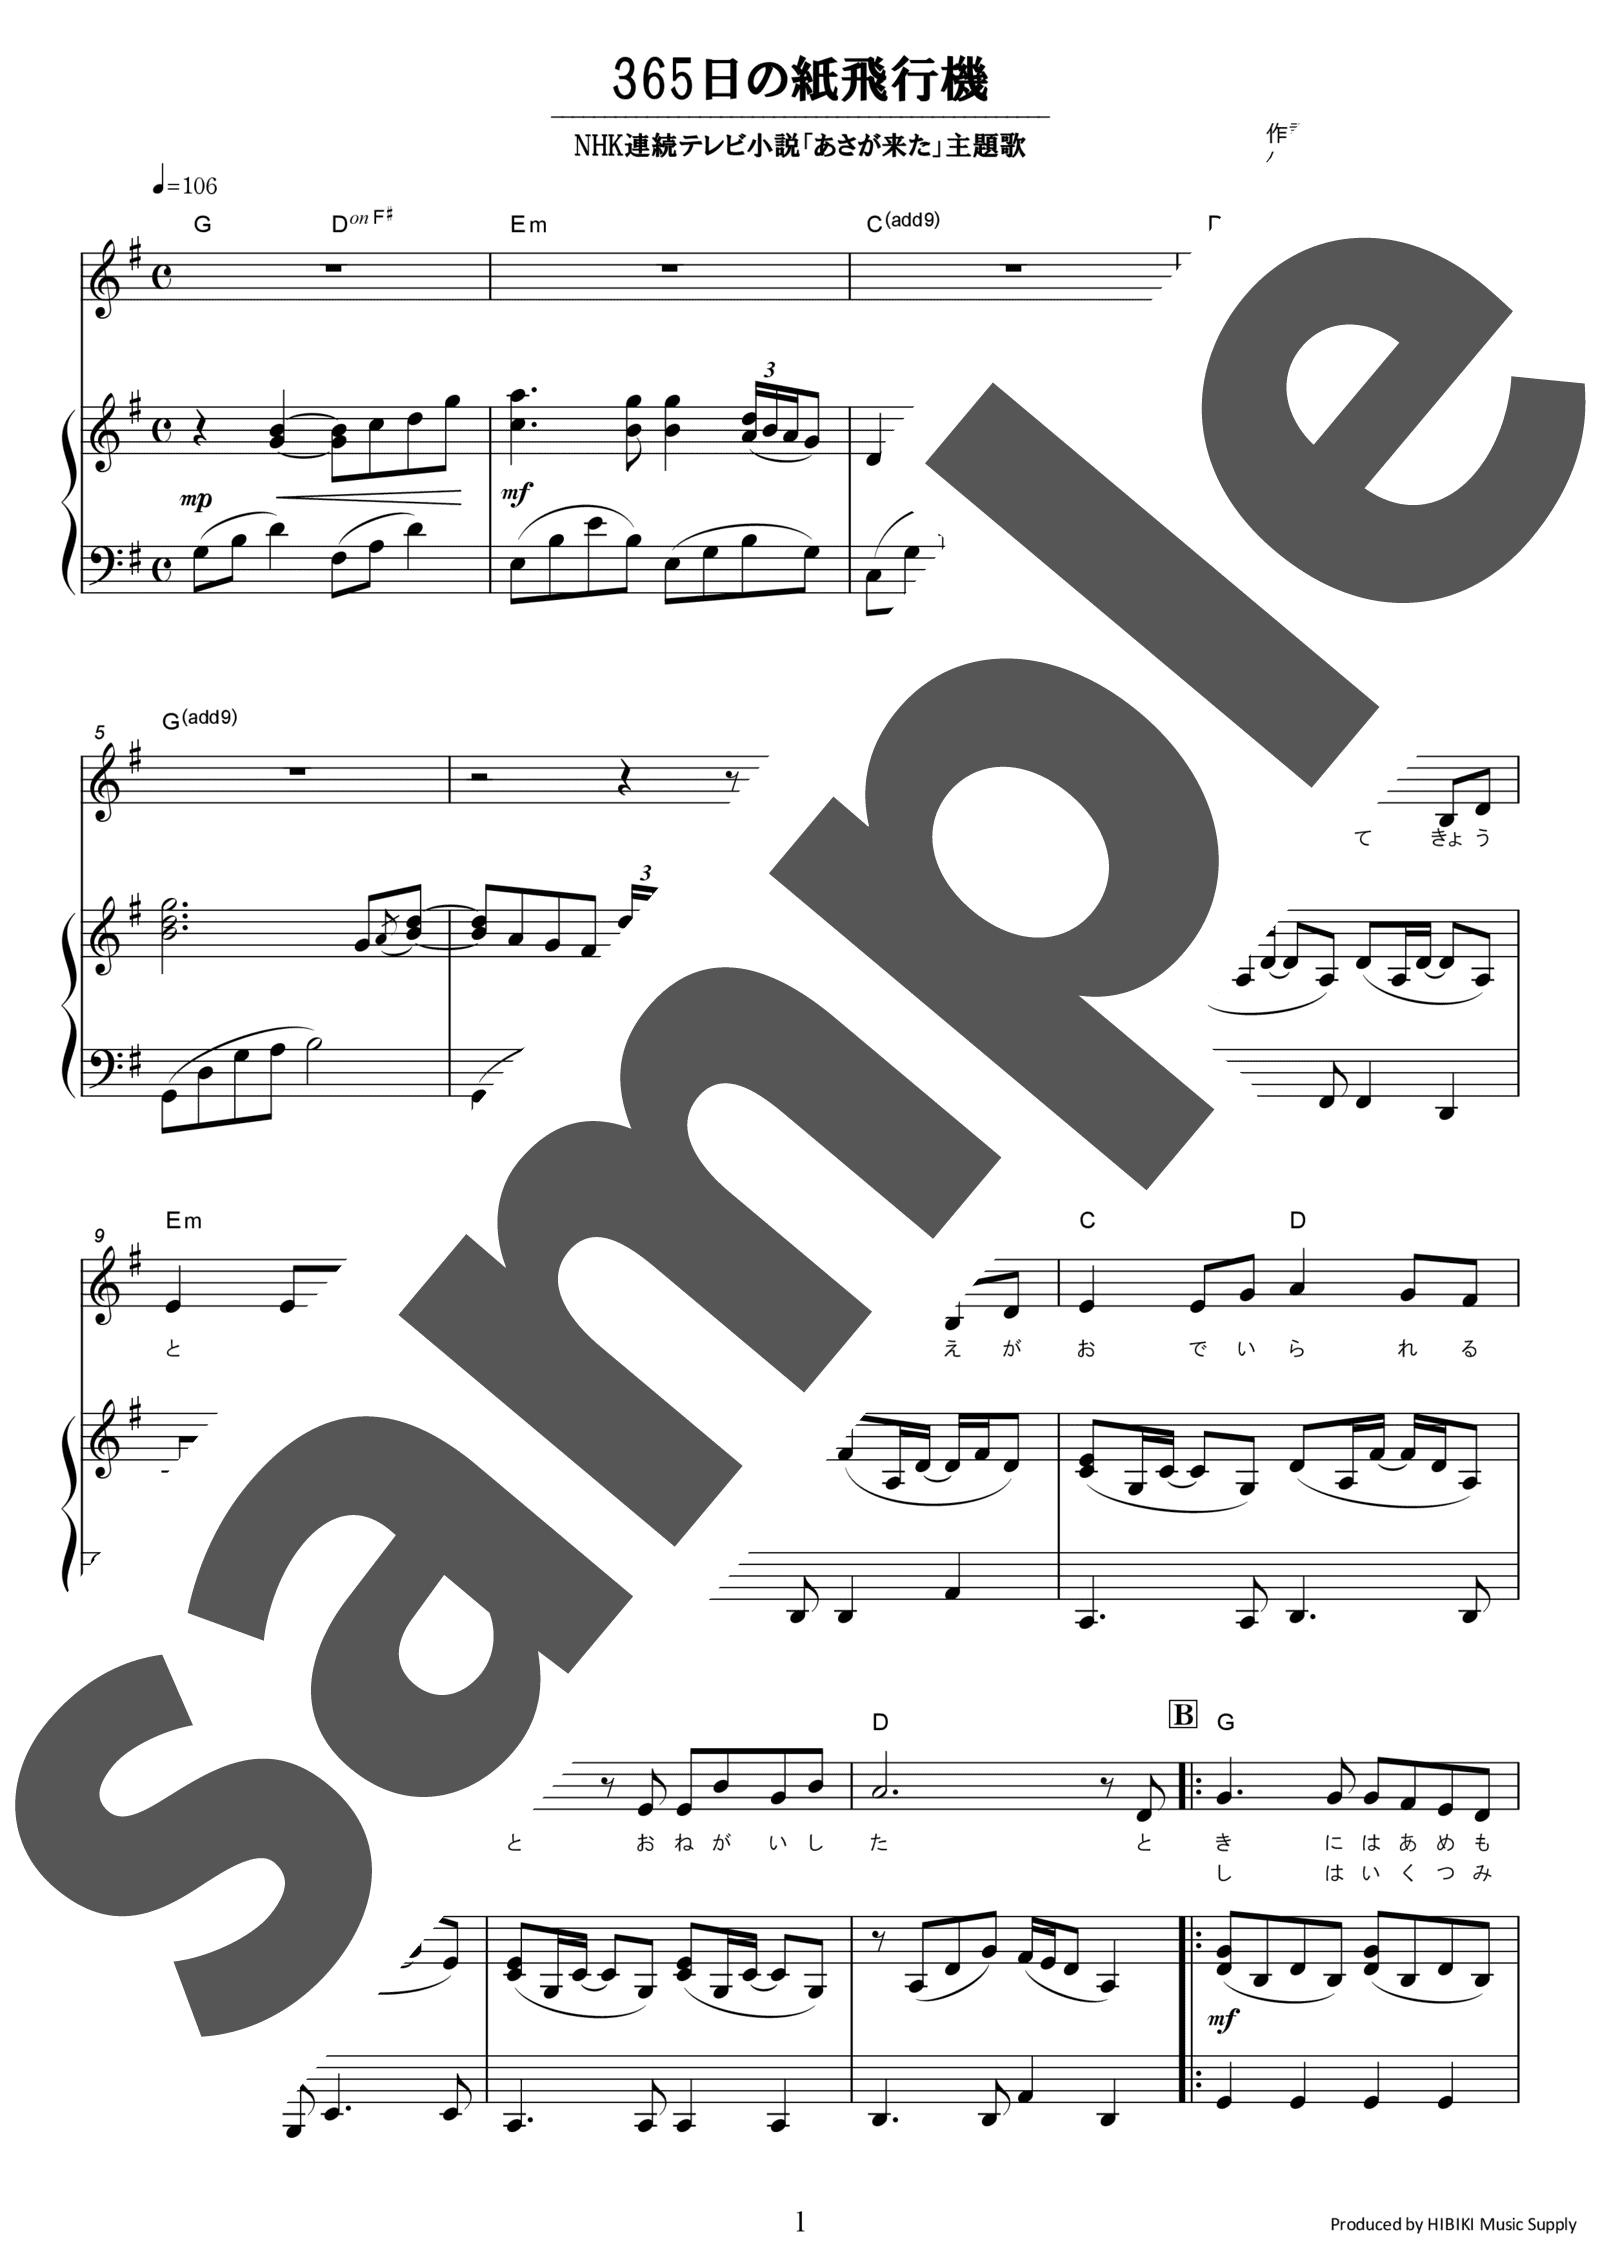 「365日の紙飛行機」のサンプル楽譜